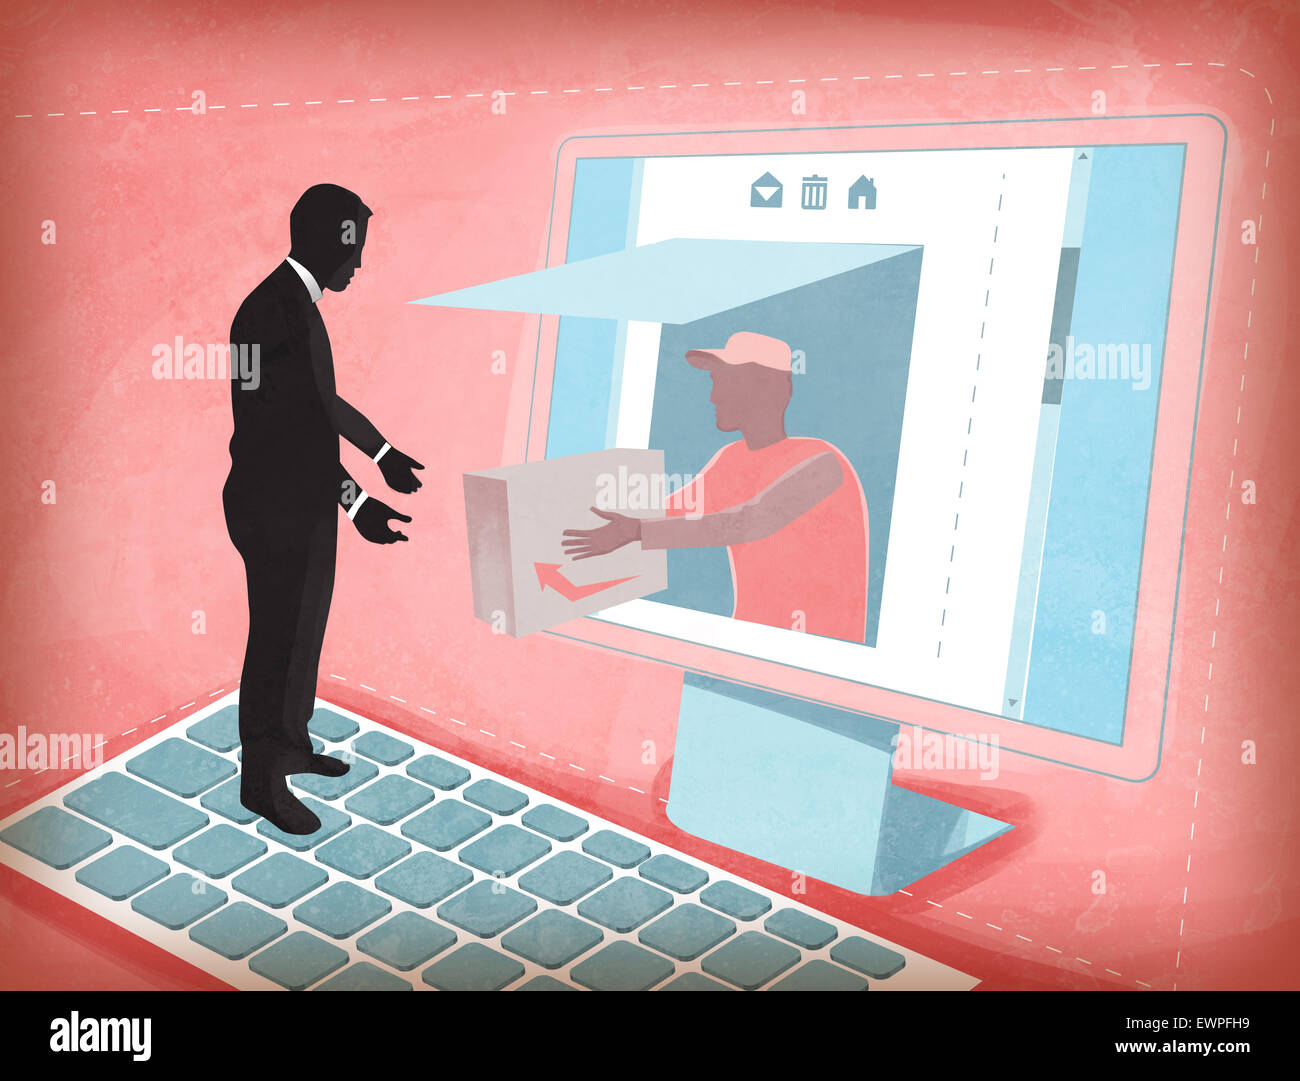 Delivery Man émergeant du moniteur de l'ordinateur client afin de donner Banque D'Images